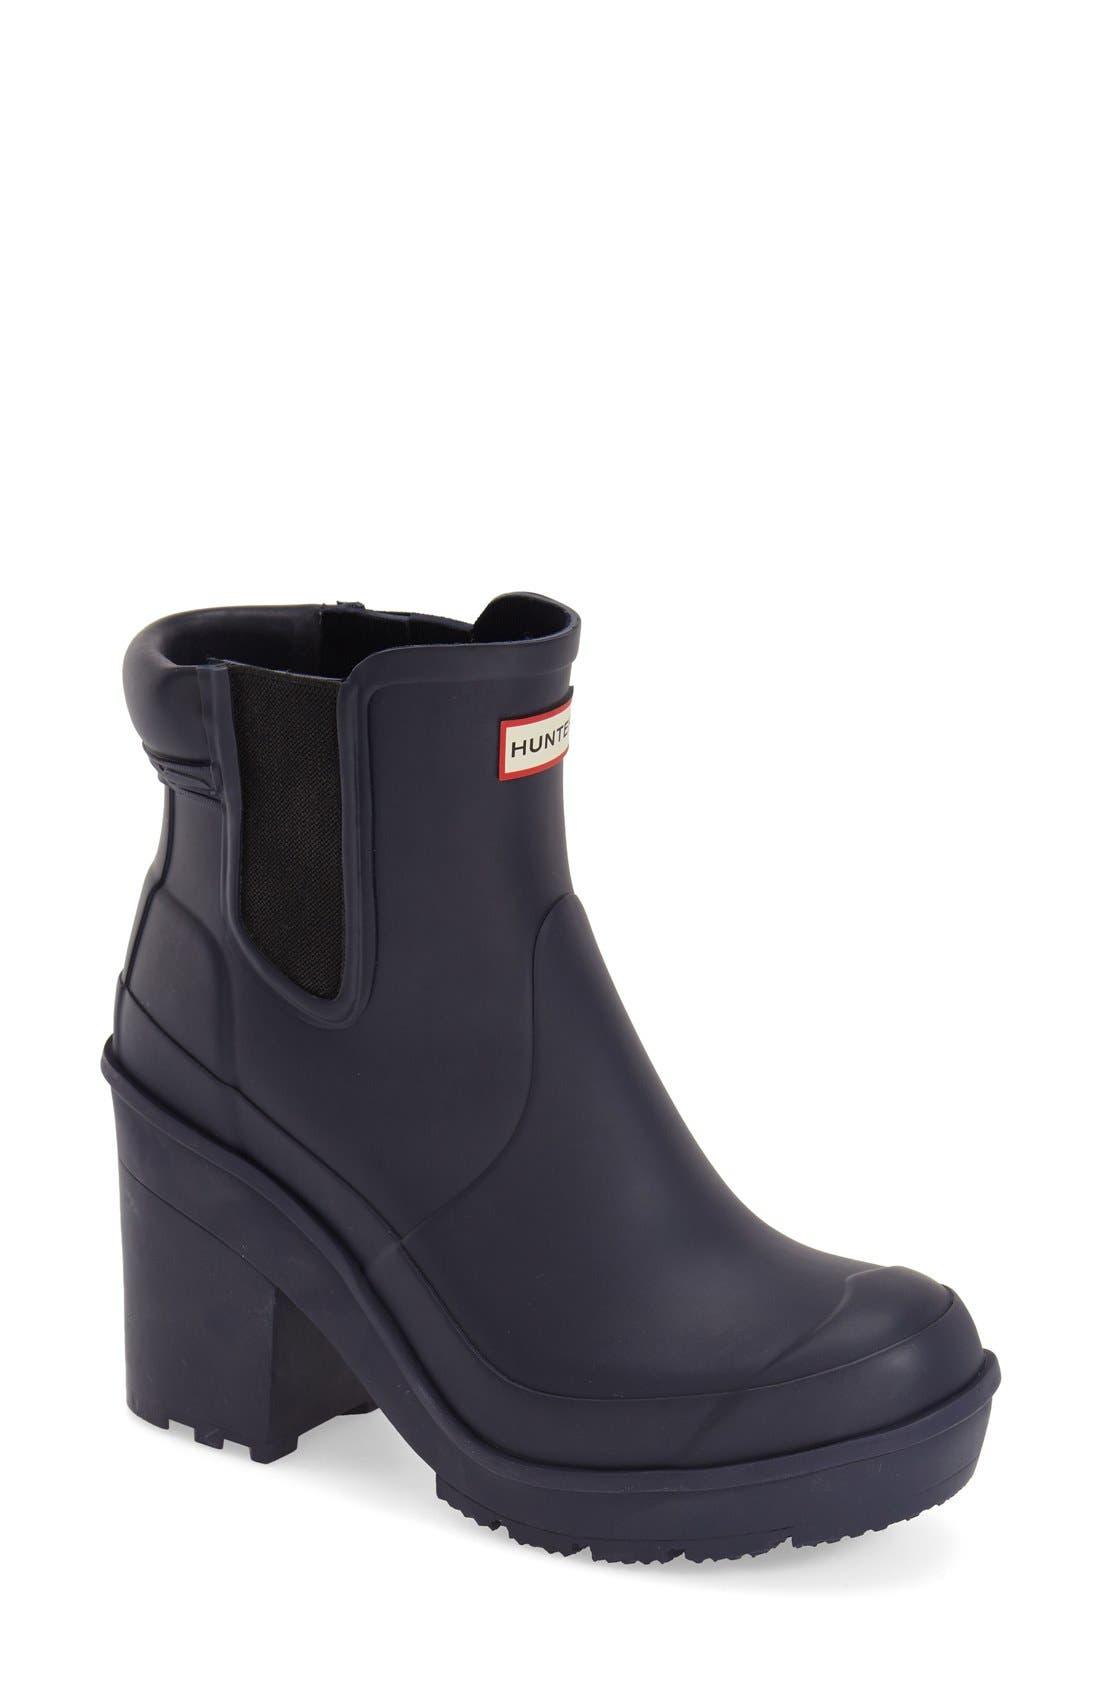 Alternate Image 1 Selected - Hunter 'Original - Block Heel' Chelsea Rain Boot (Women)